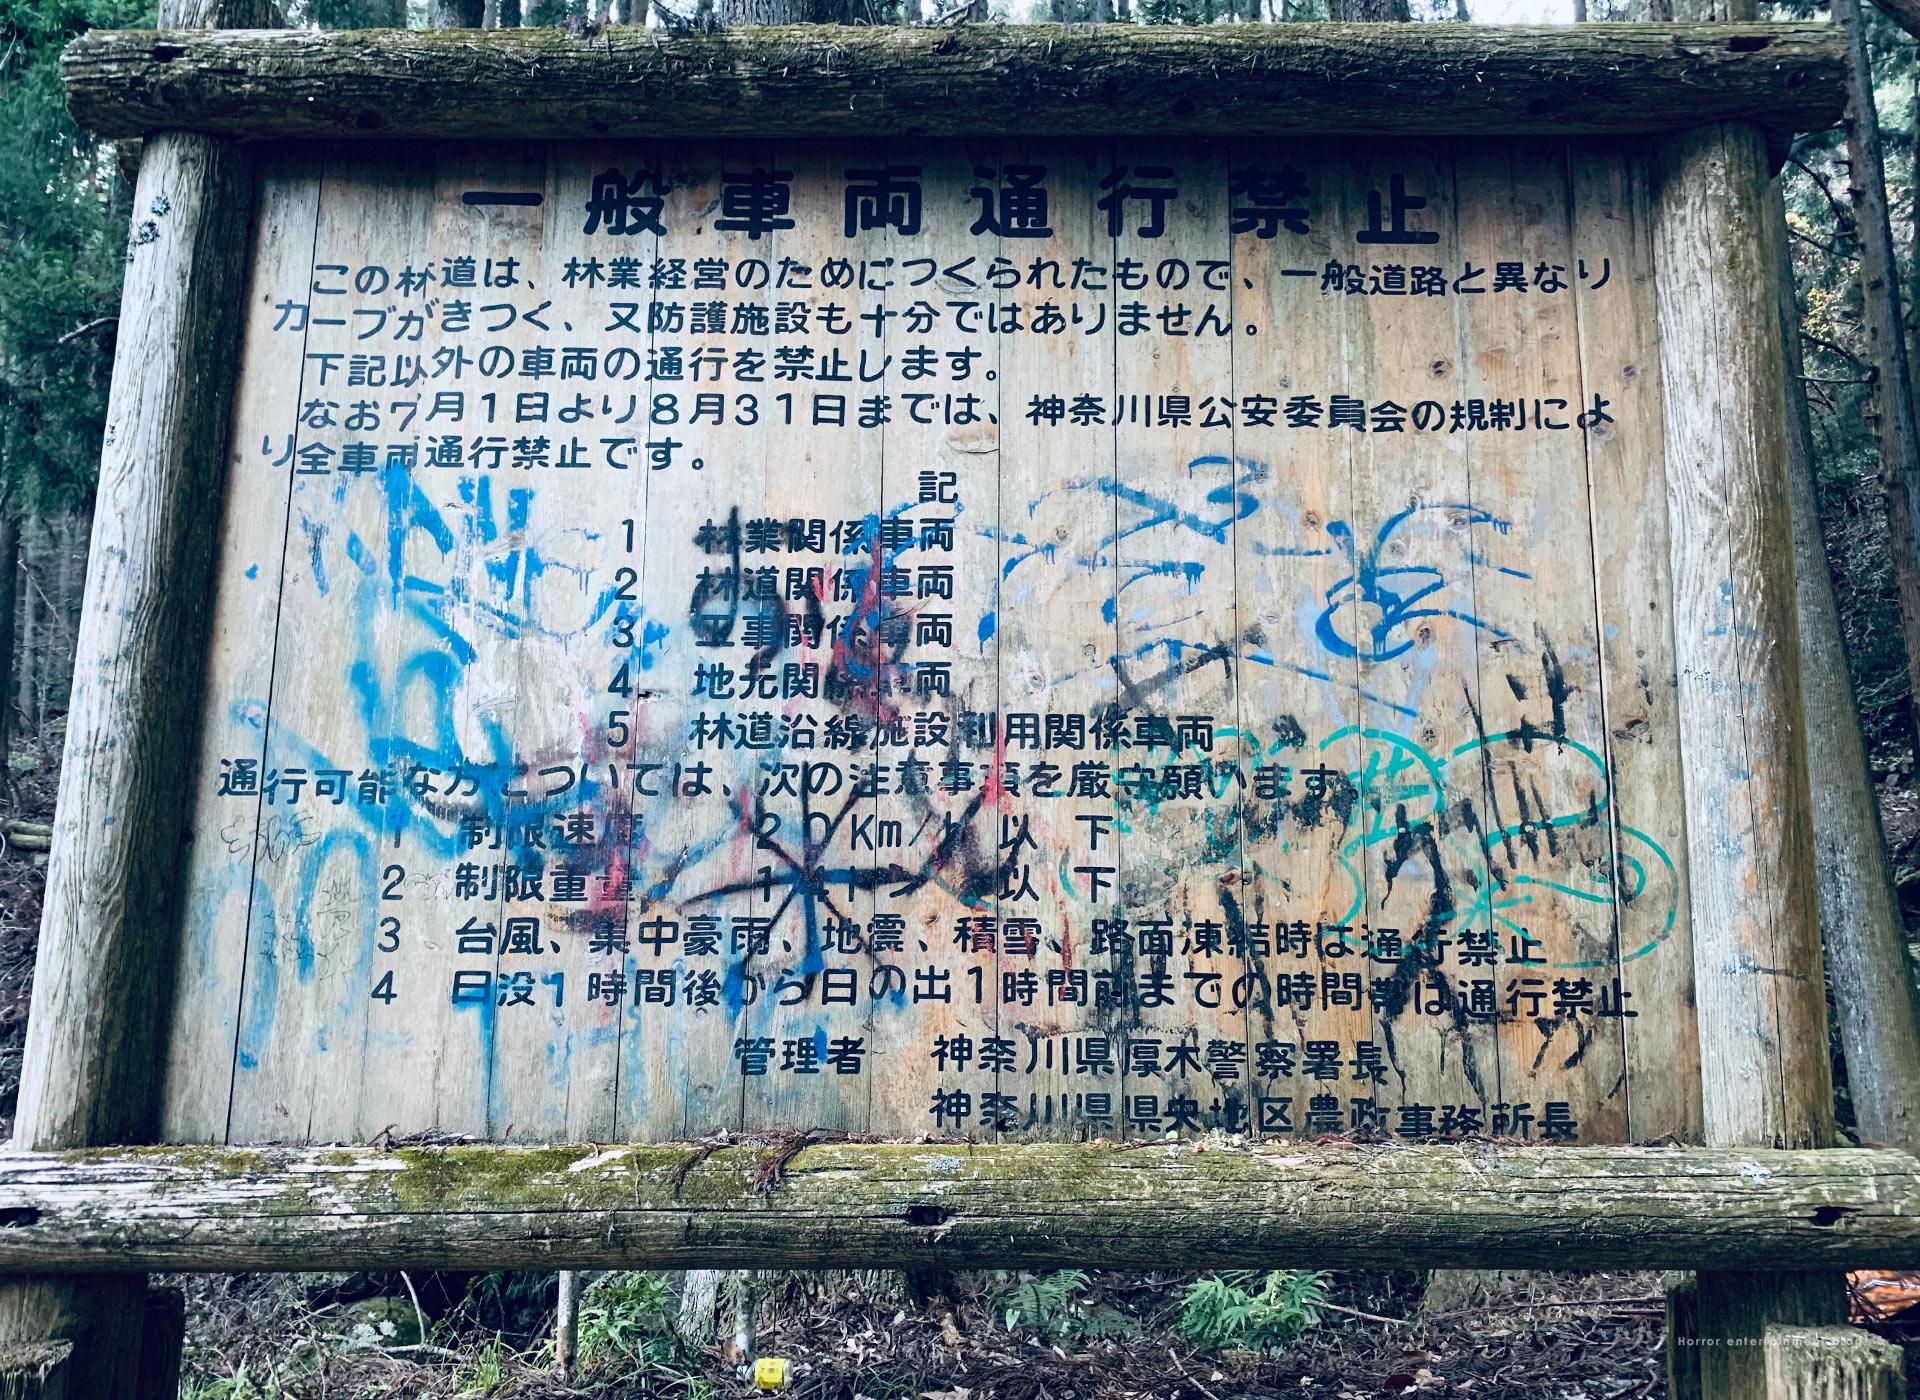 ジェイソン 村 神奈川